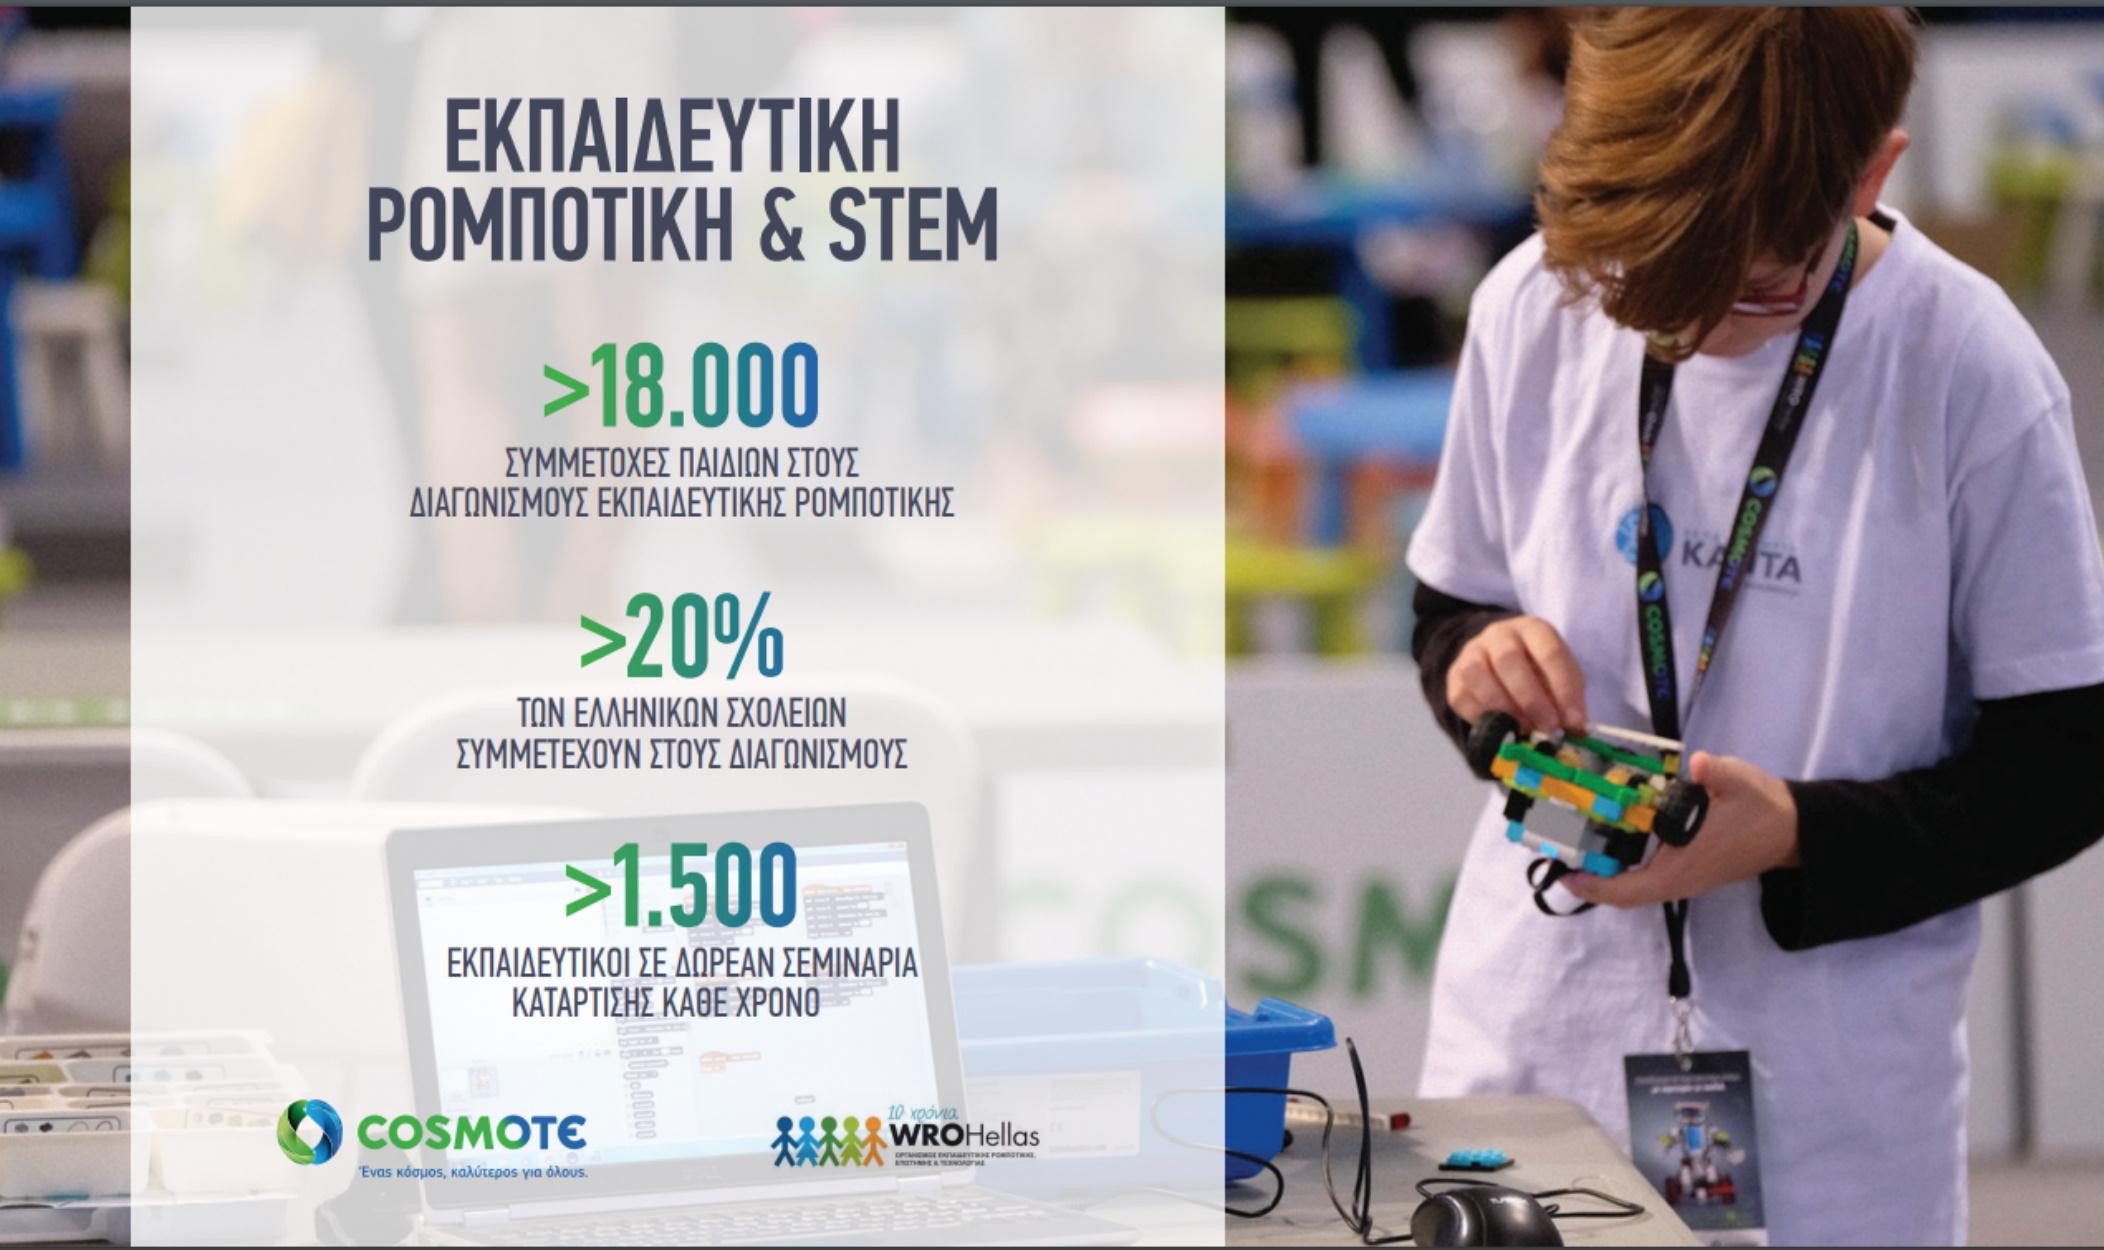 Πανελλήνιος Διαγωνισμός Εκπαιδευτικής Ρομποτικής 2020: Ξεκίνησαν οι δηλώσεις συμμετοχής για τους μαθητές σε όλη την Ελλάδα